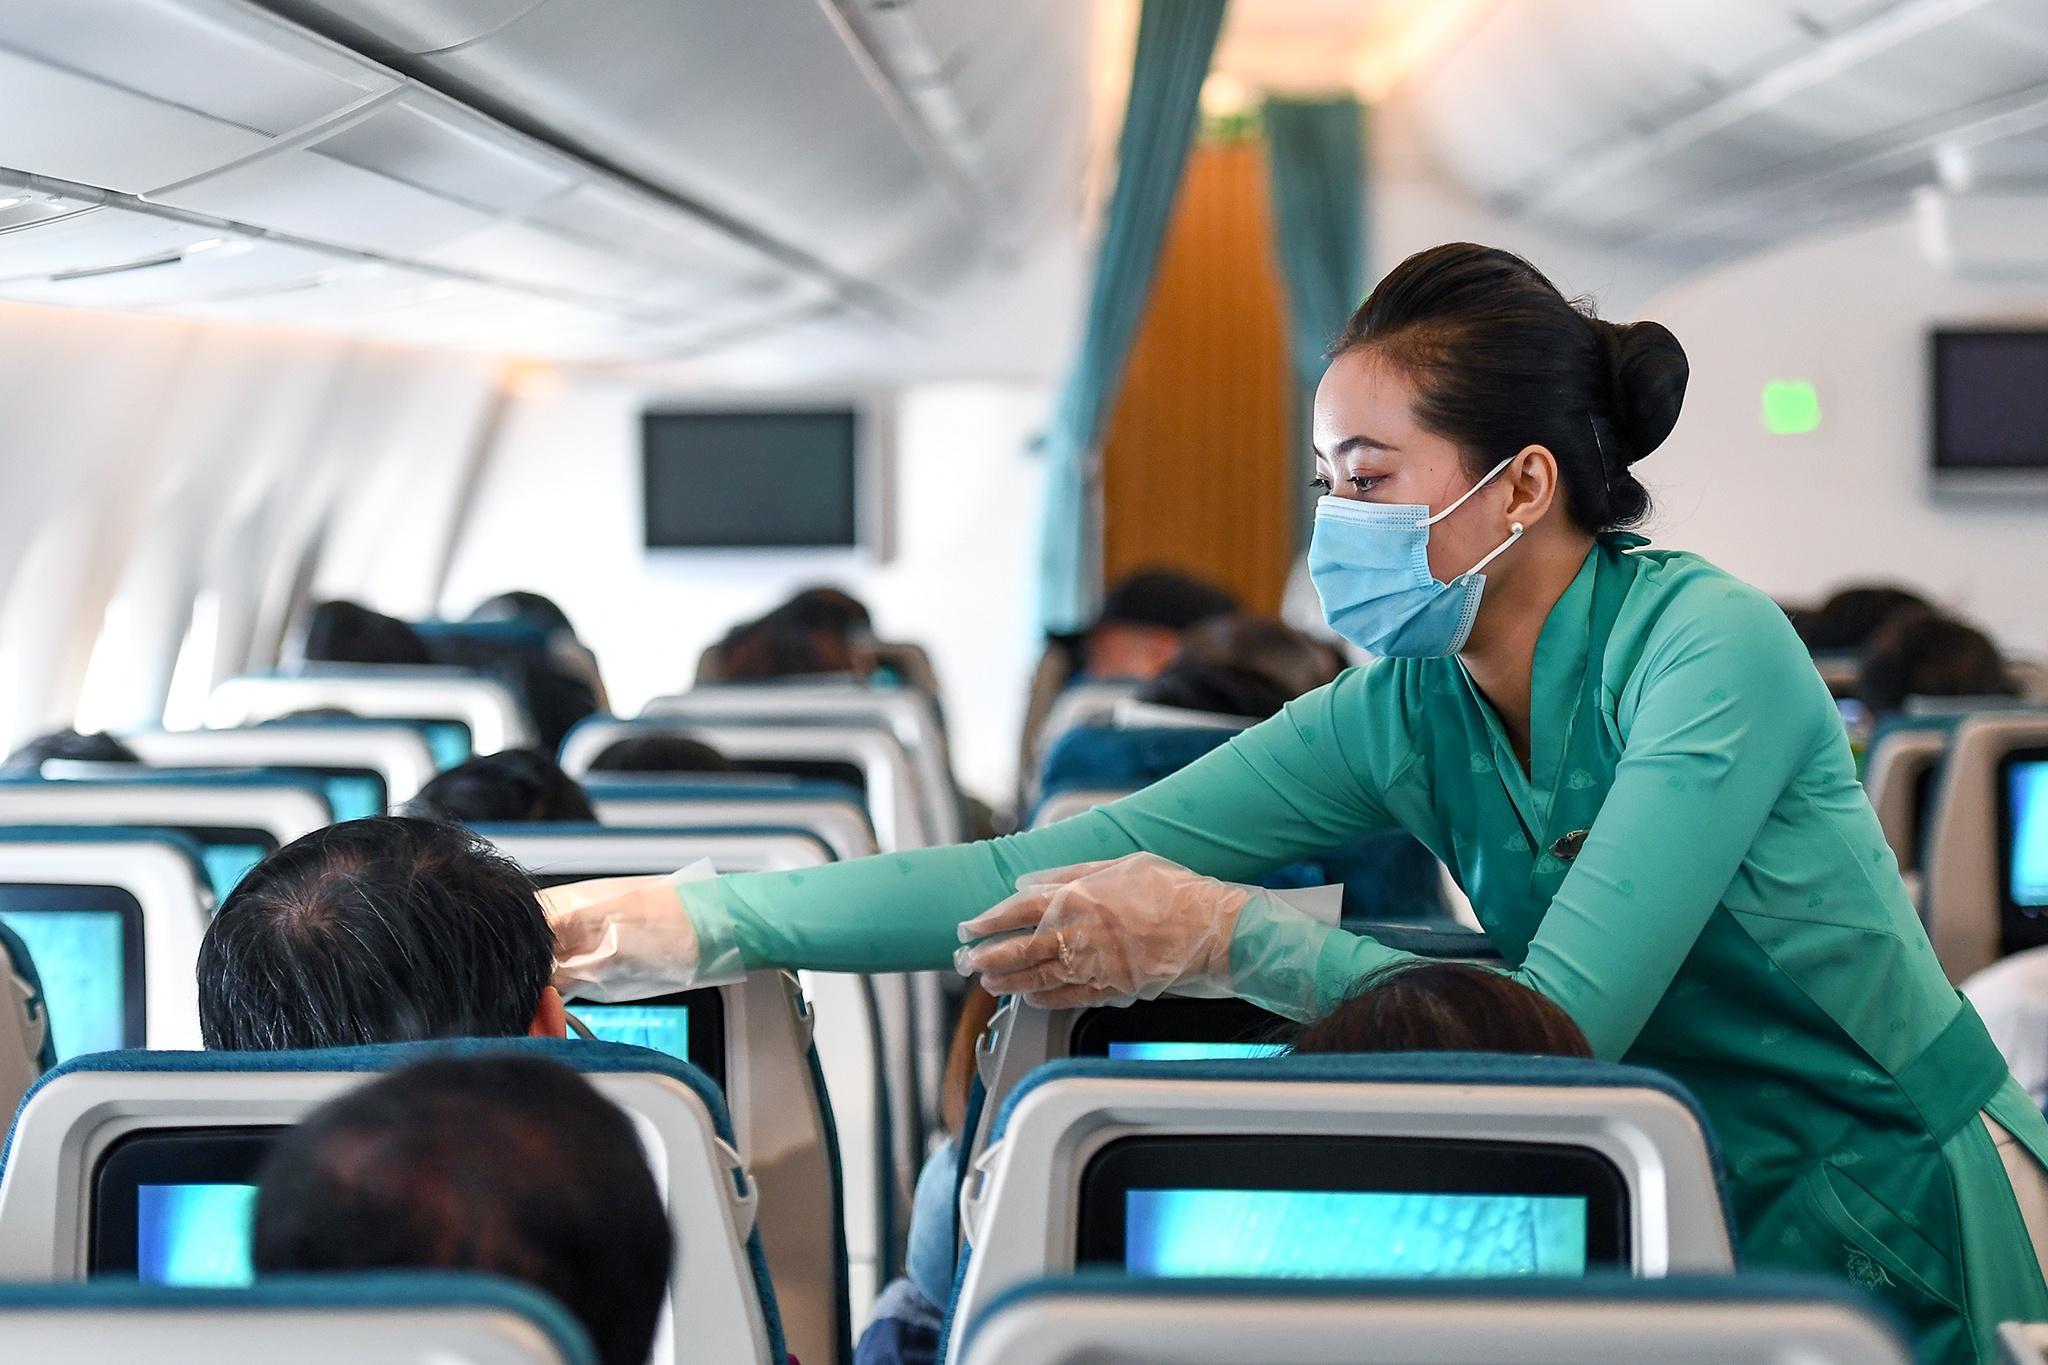 Đề xuất khôi phục vận tải hàng không theo 4 giai đoạn